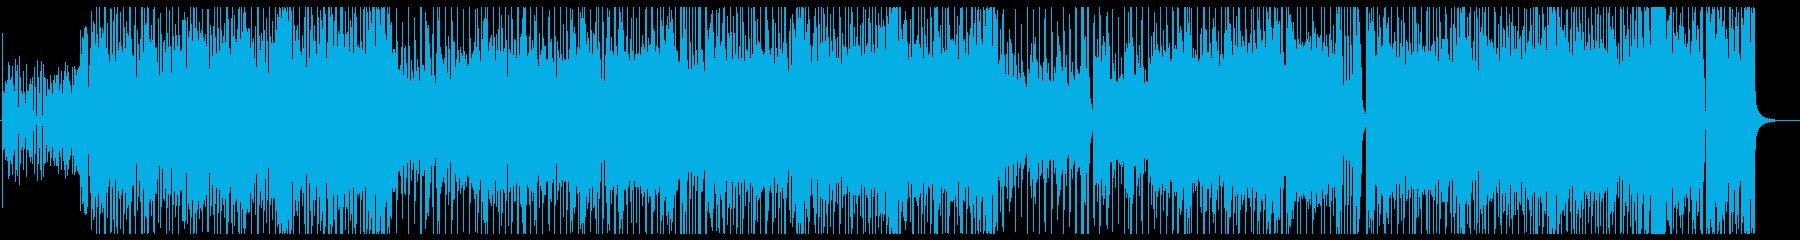 シンプルでノリの良いロックの再生済みの波形